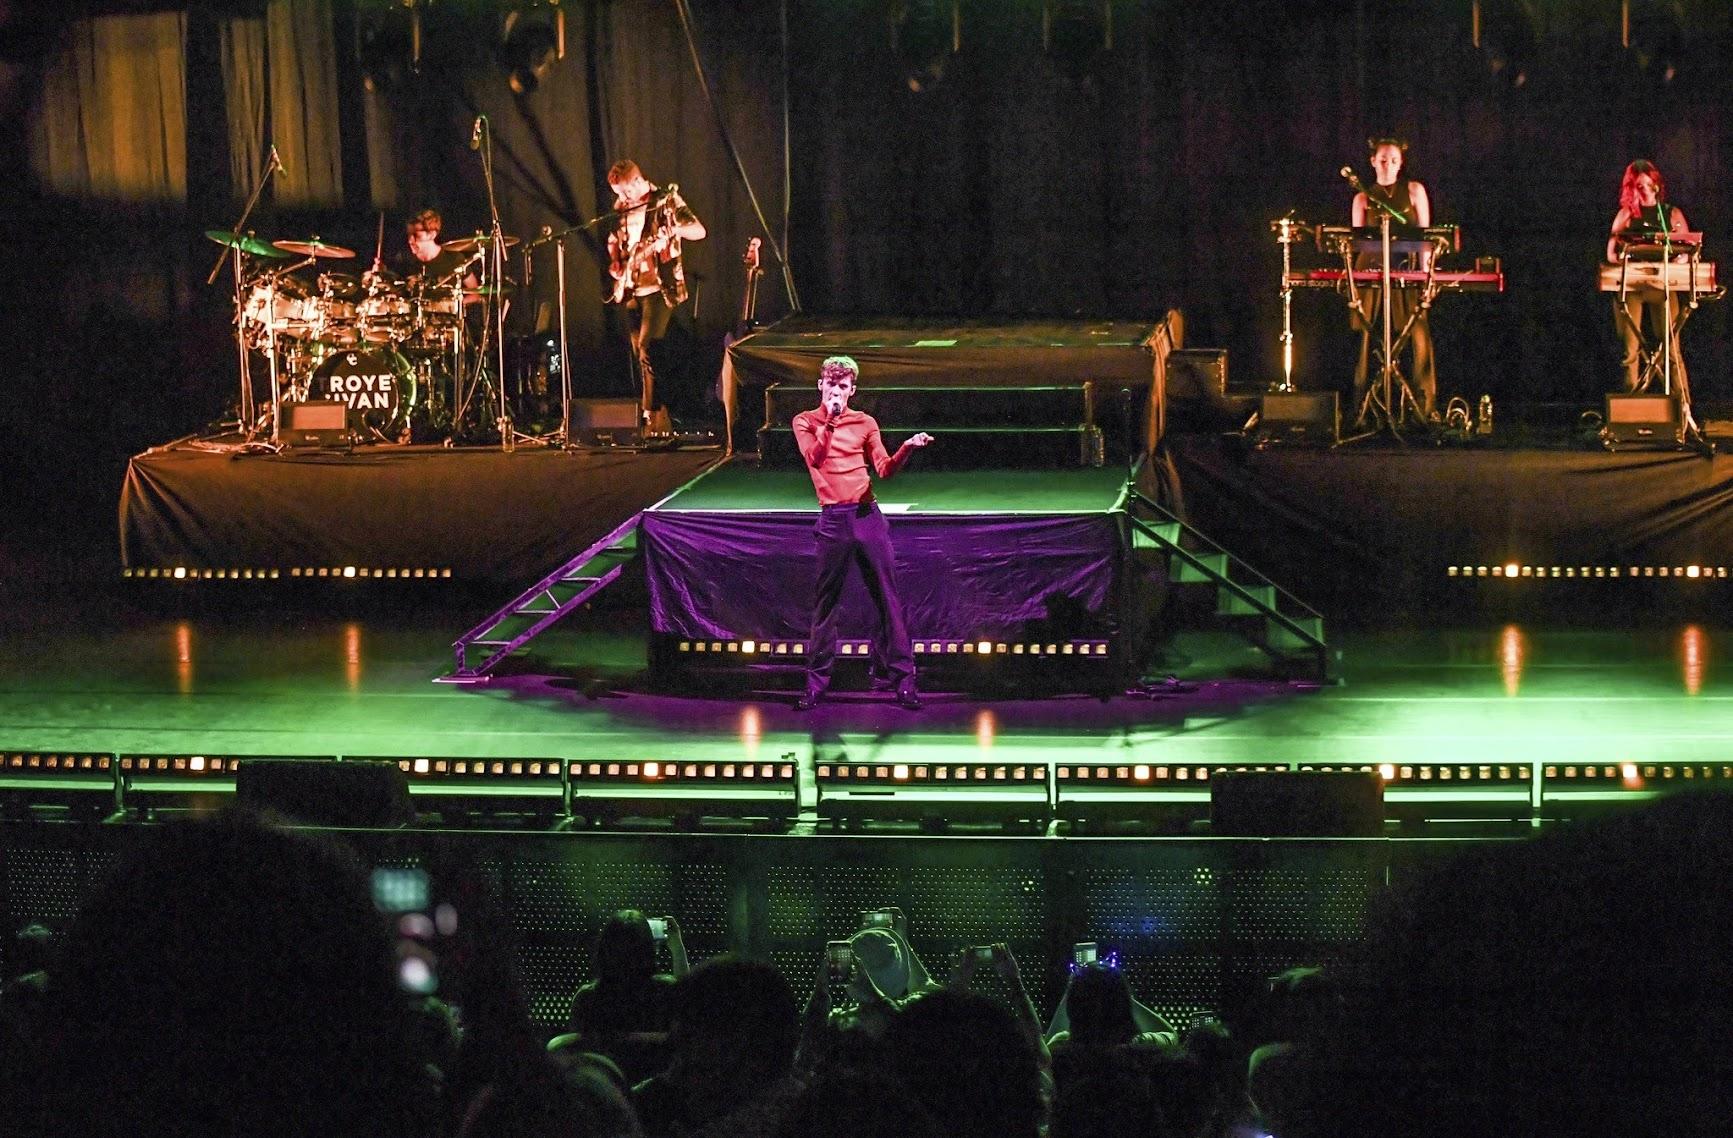 【迷迷歌單】TROYE SIVANBLOOM TOUR TAIPEI 特洛伊2019台北演唱會